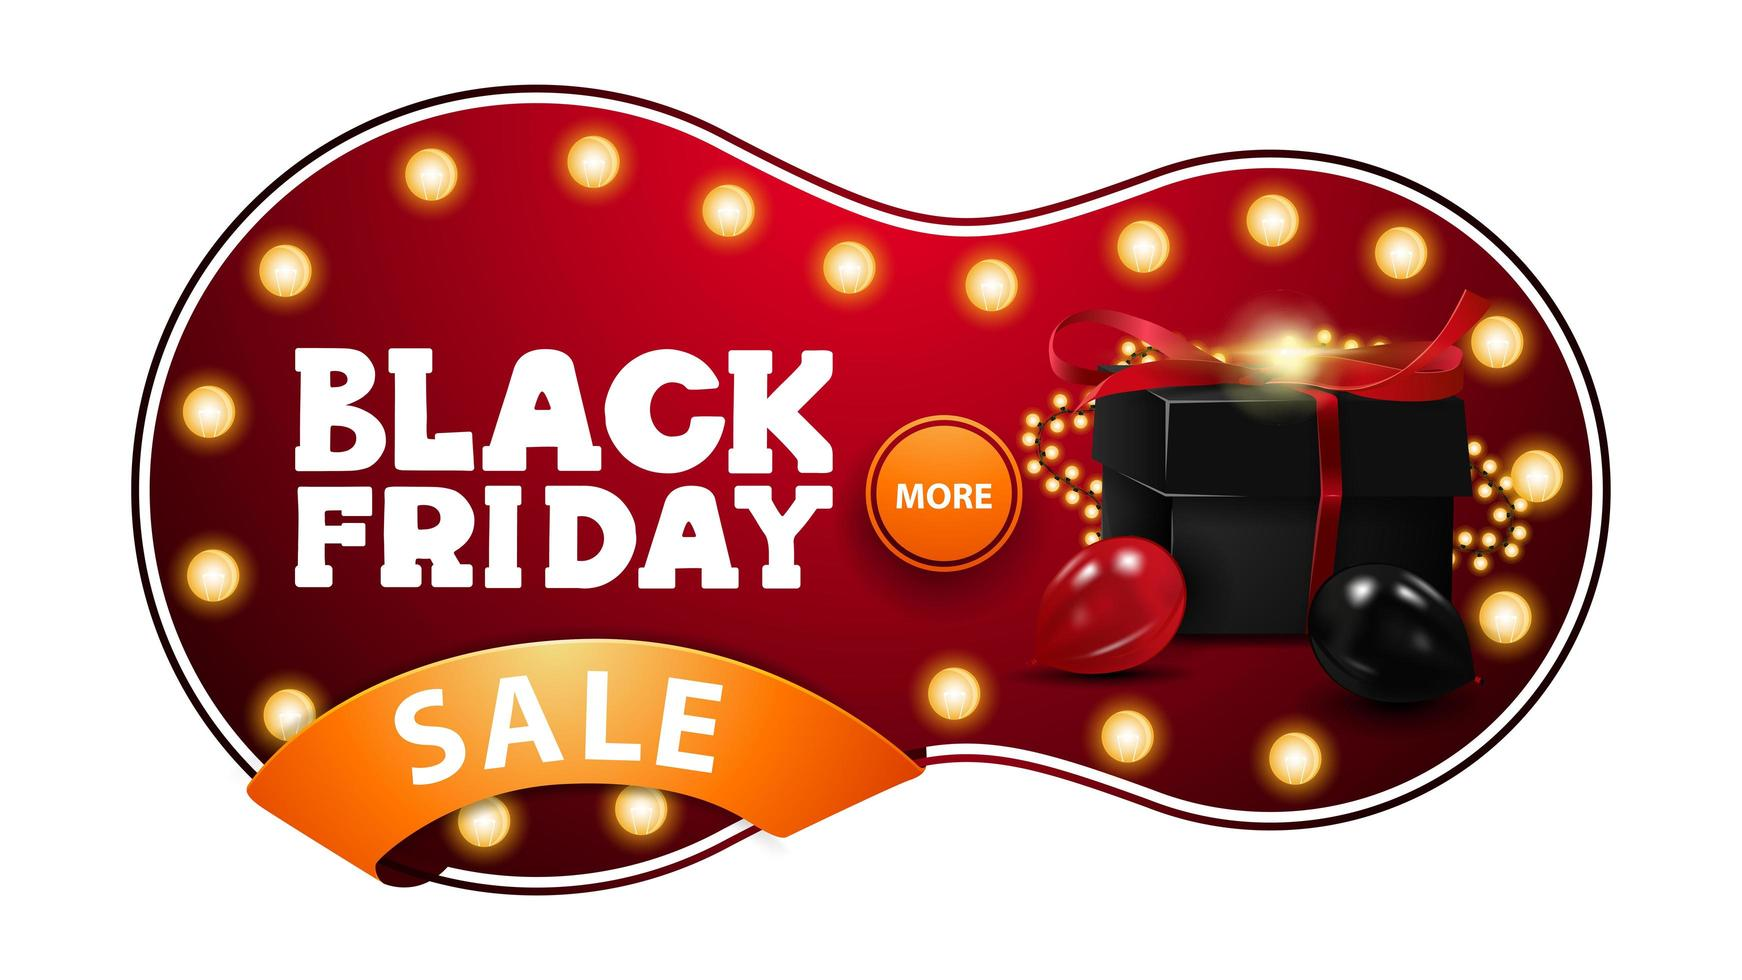 svart fredag försäljning, röd rabatt banner vektor